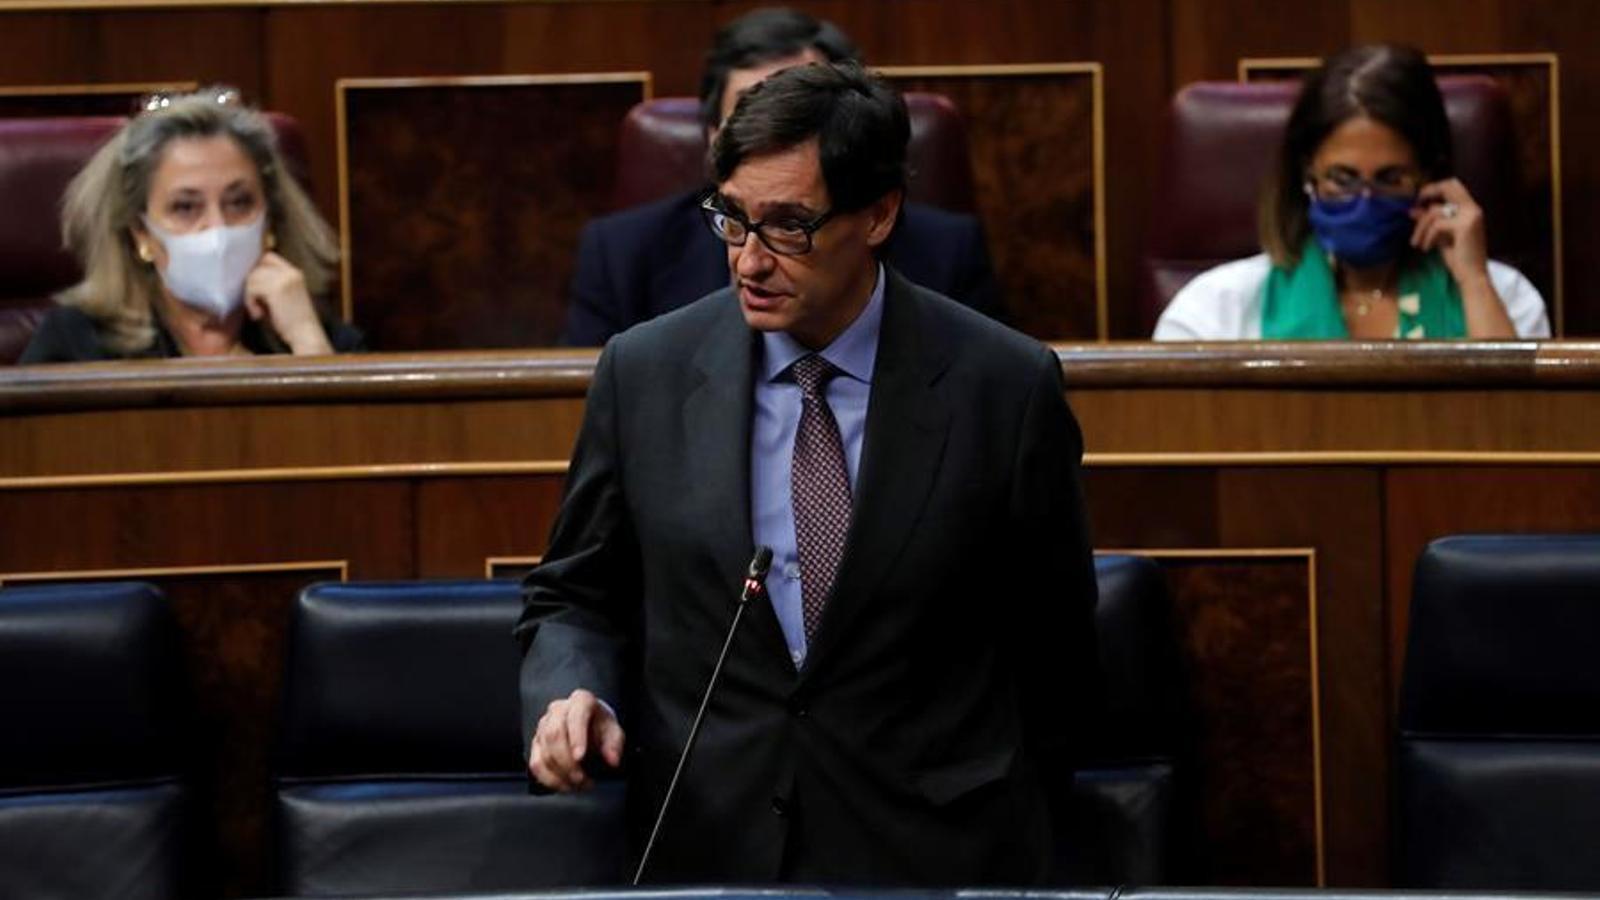 EN DIRECTE | Debat al Congrés sobre l'aplicació de l'estat d'alarma a Madrid